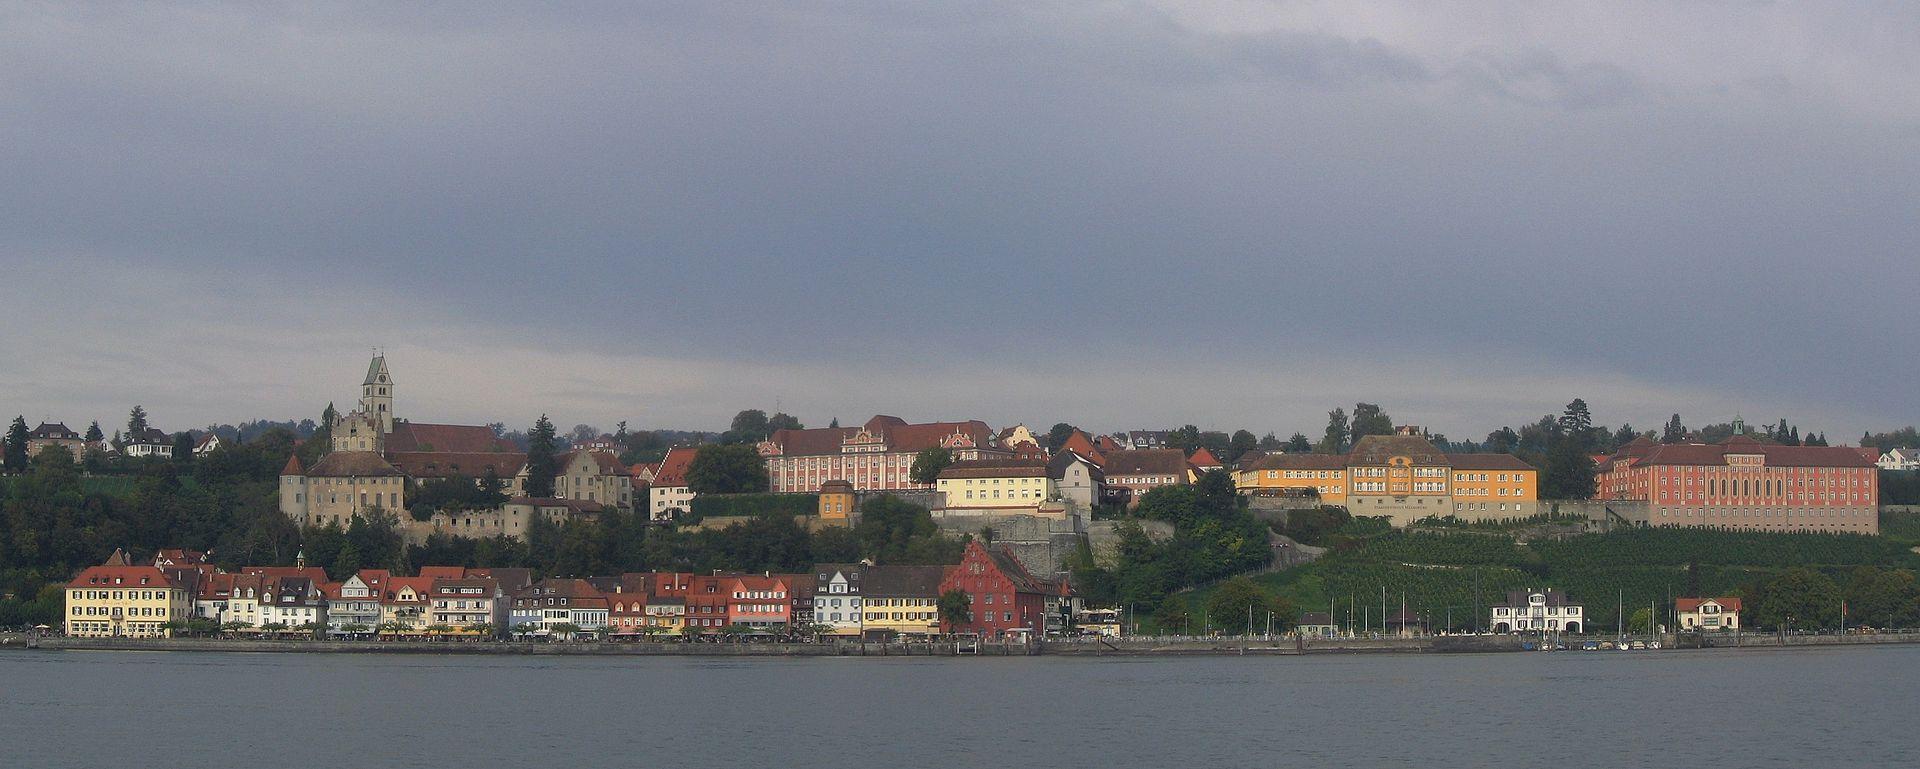 Meersburg panor2.jpg